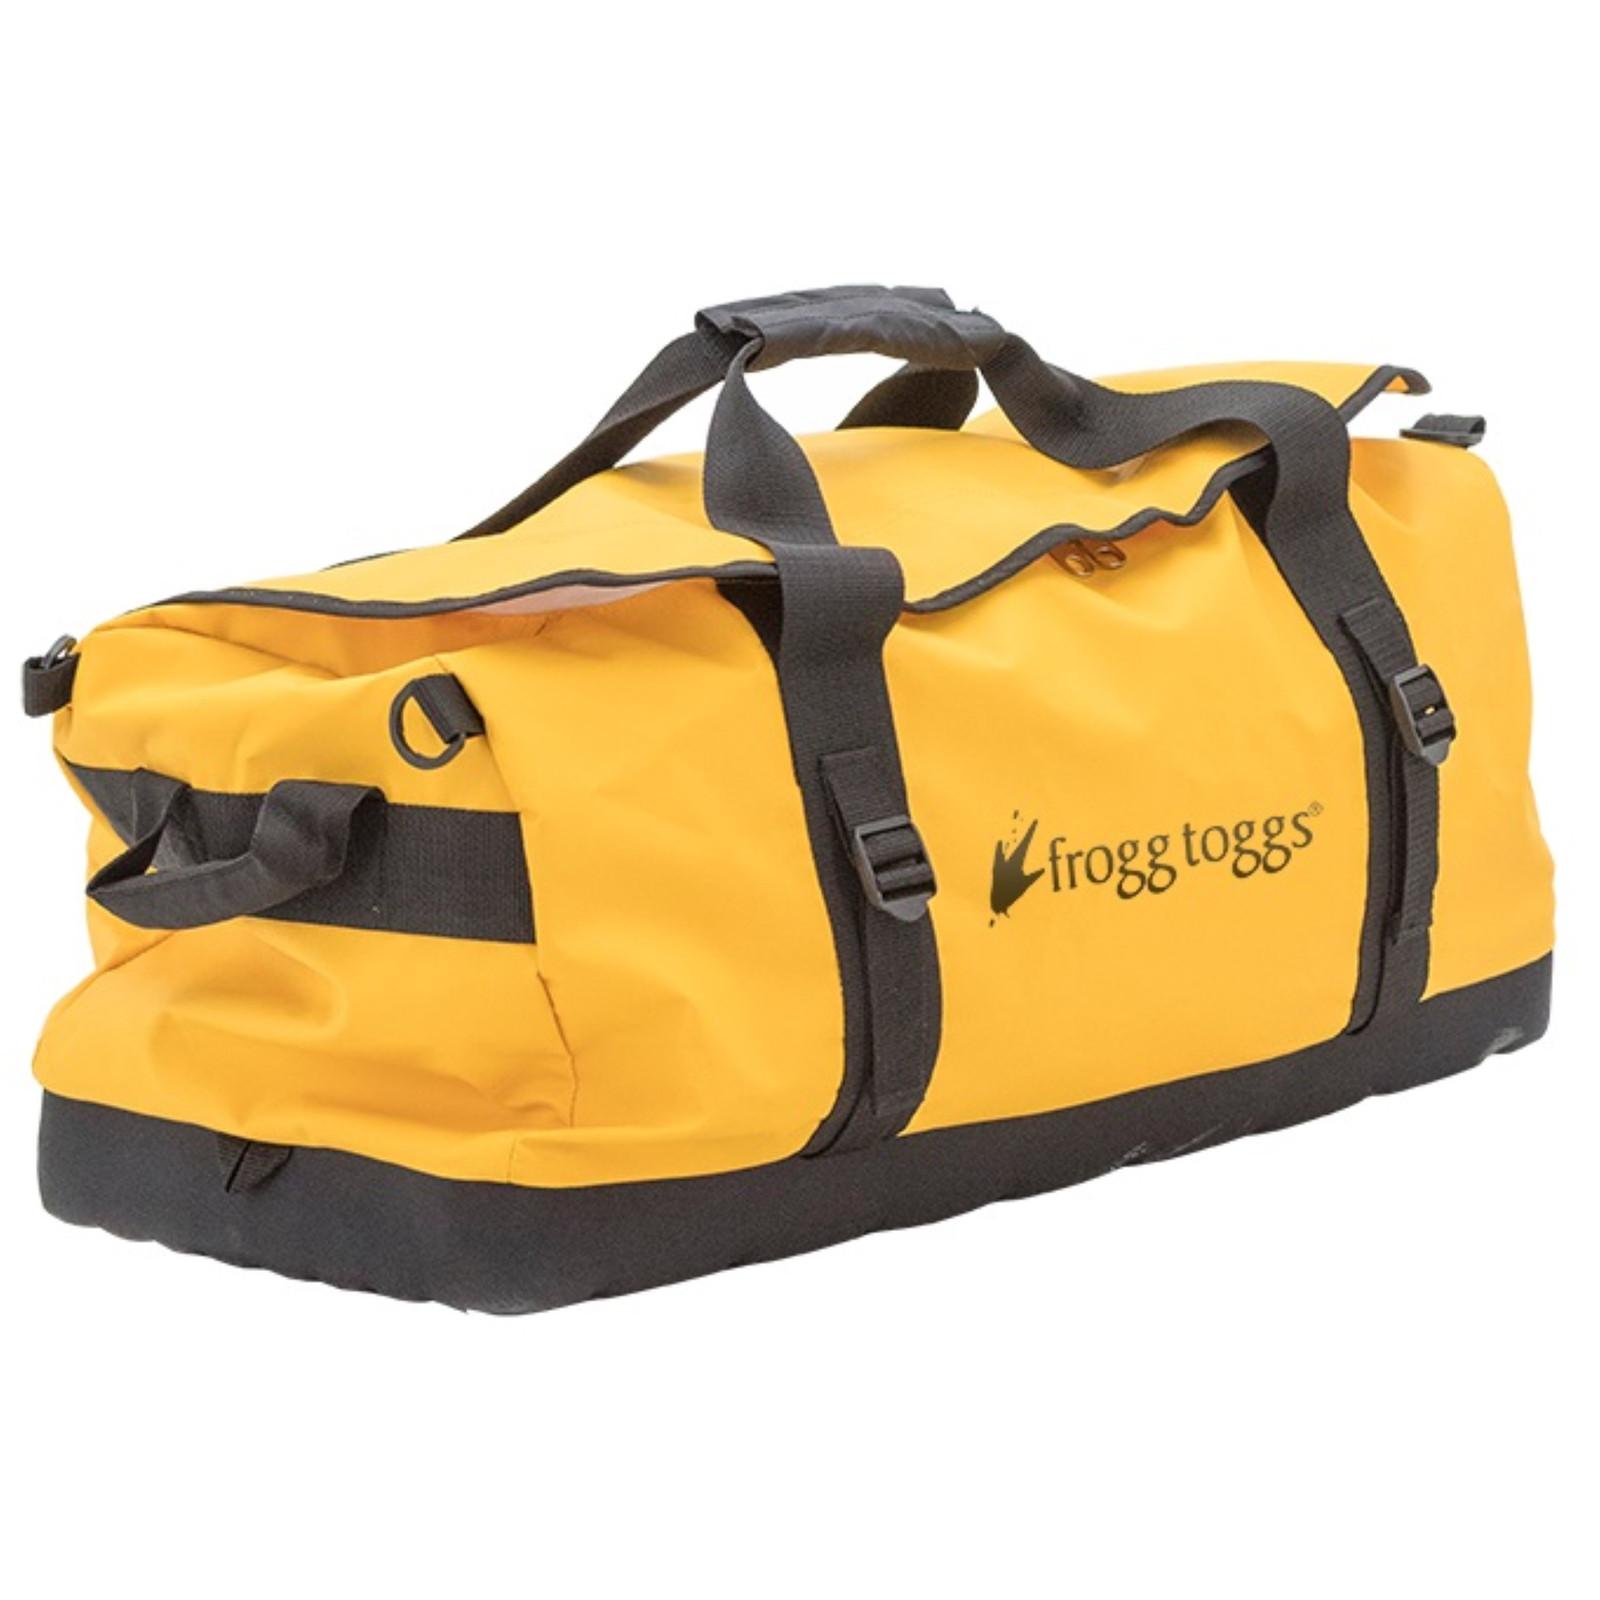 Ftx Gear Waterproof Duffel Bag